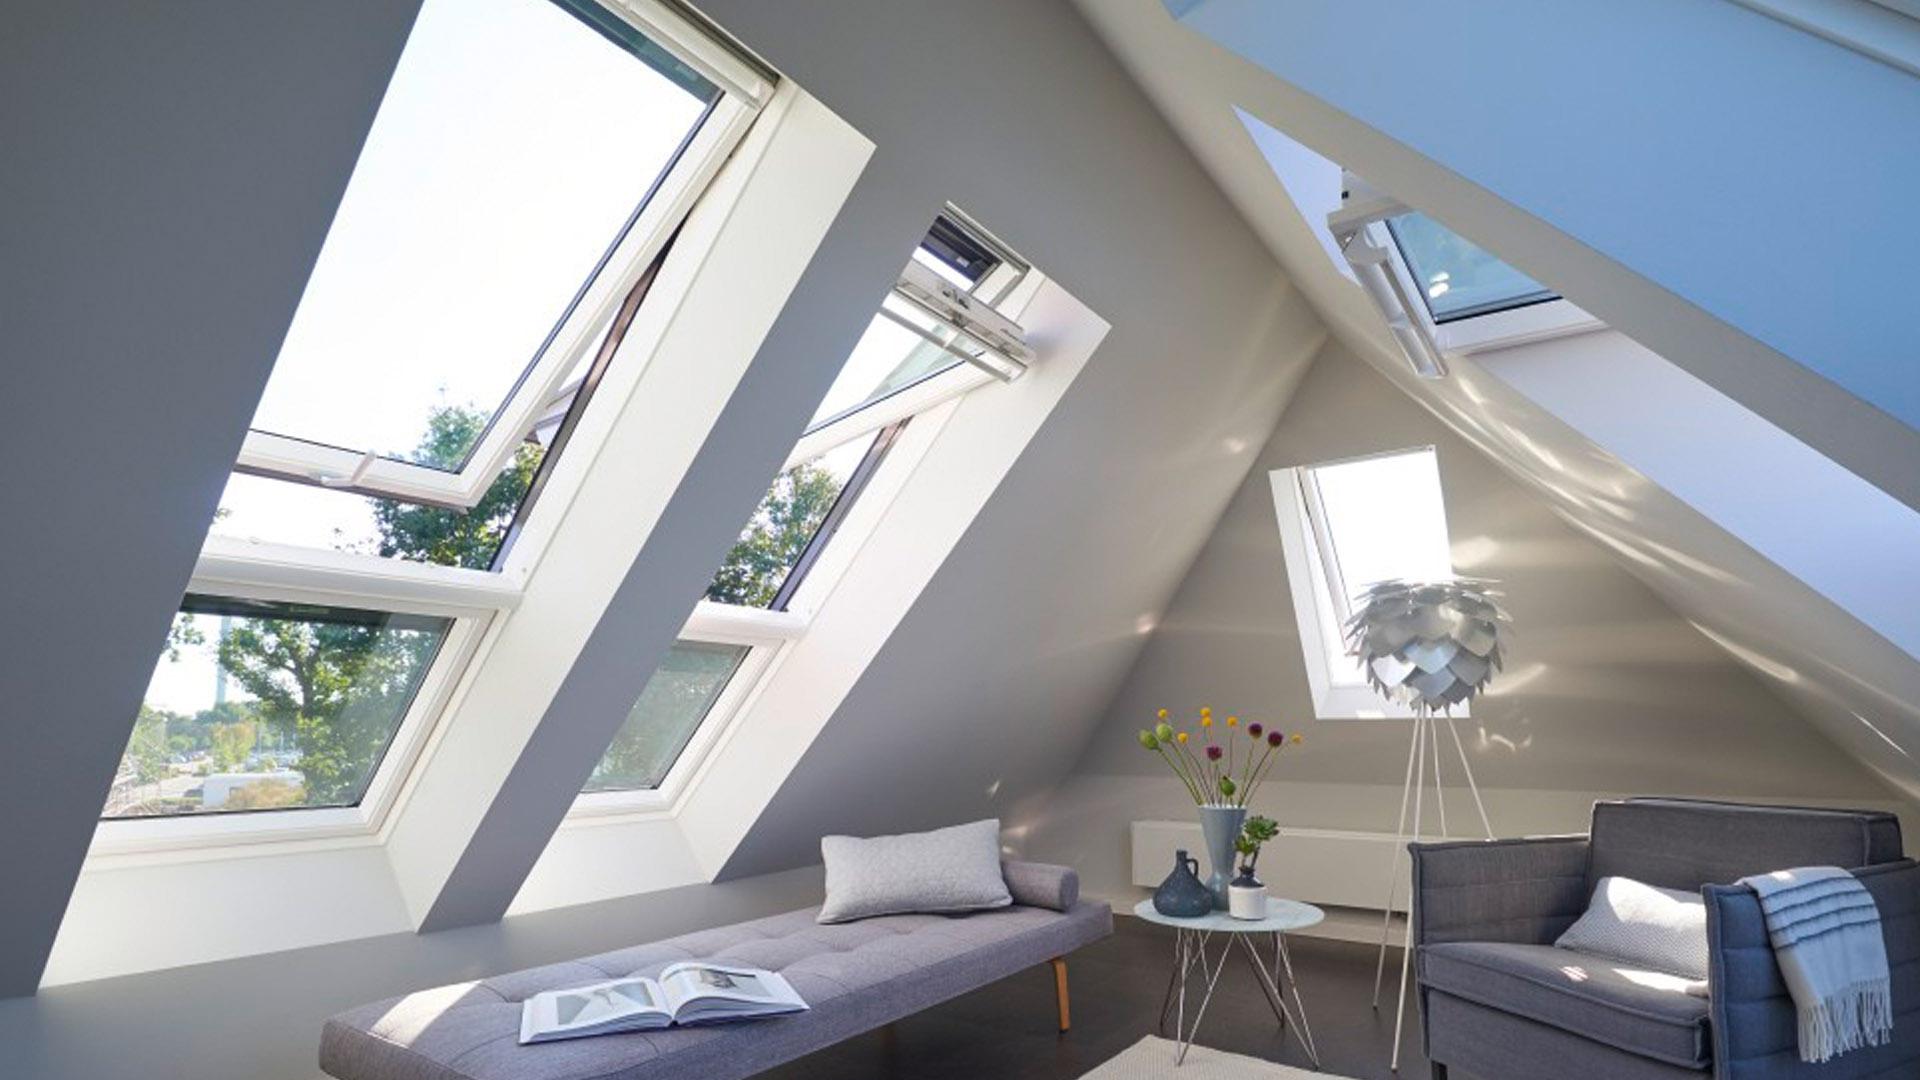 Holzbau-ott-guendlingen-velux-dachfenster2